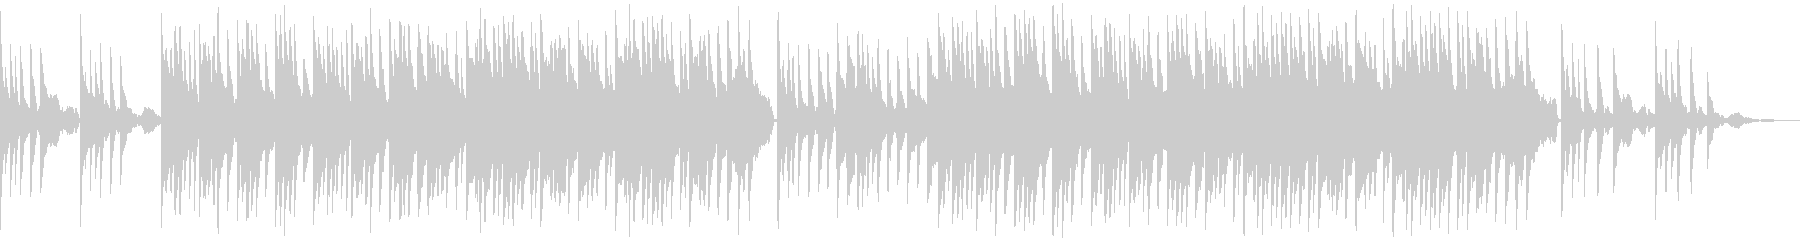 荘厳な感じのピアノ曲の未再生の波形